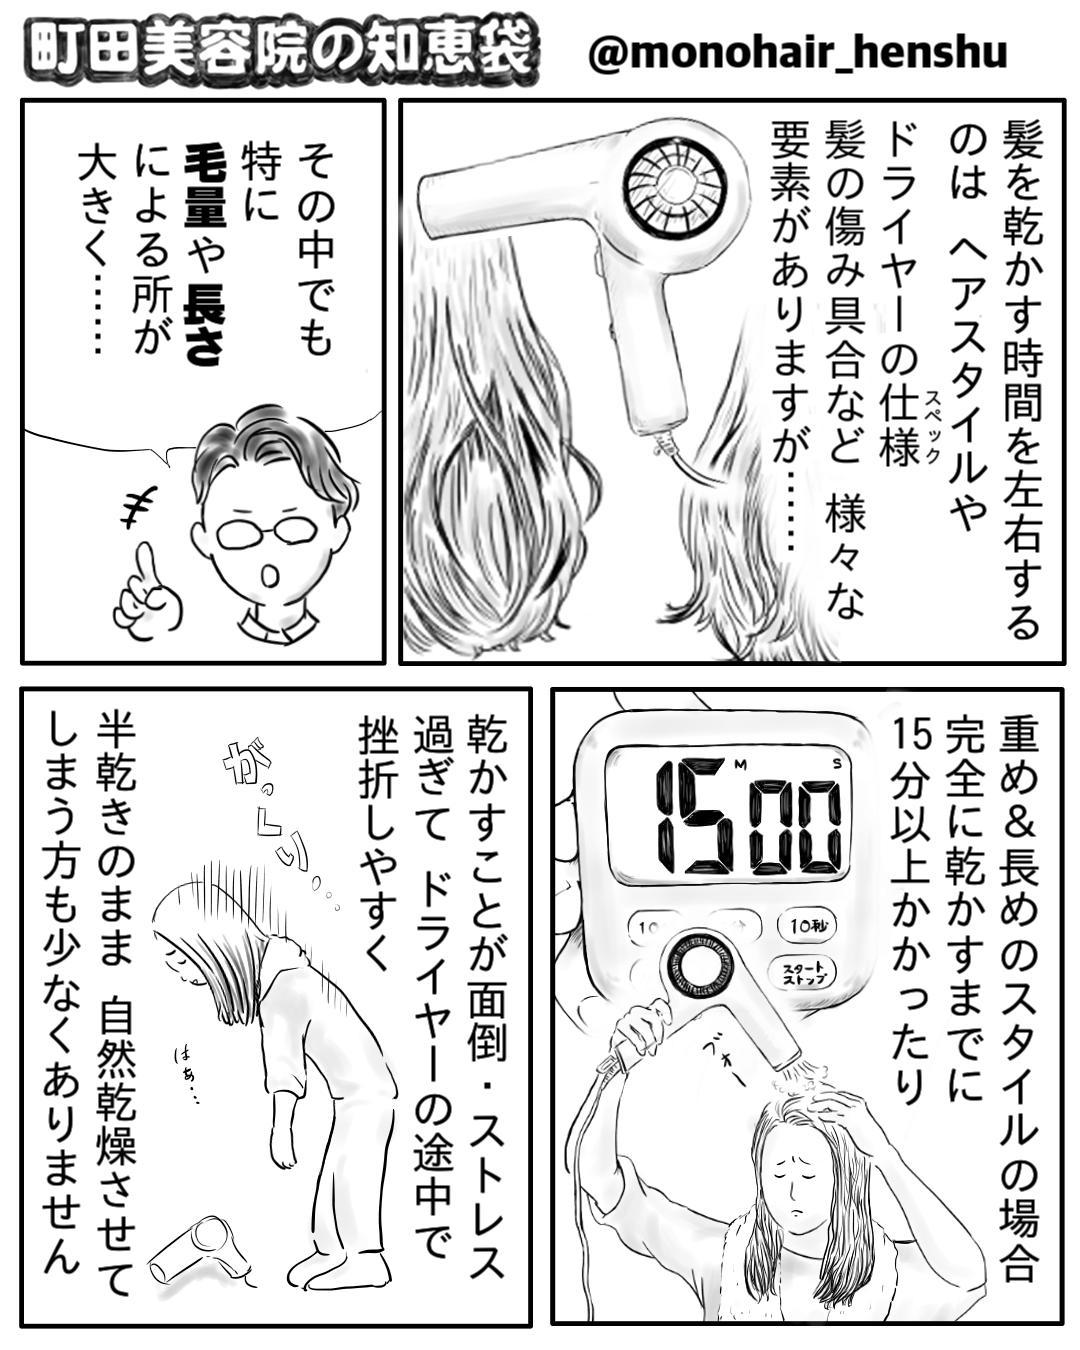 ①【漫画】時短でもツヤ・手触り・まとまりに差が出るドライヤーの乾かし方